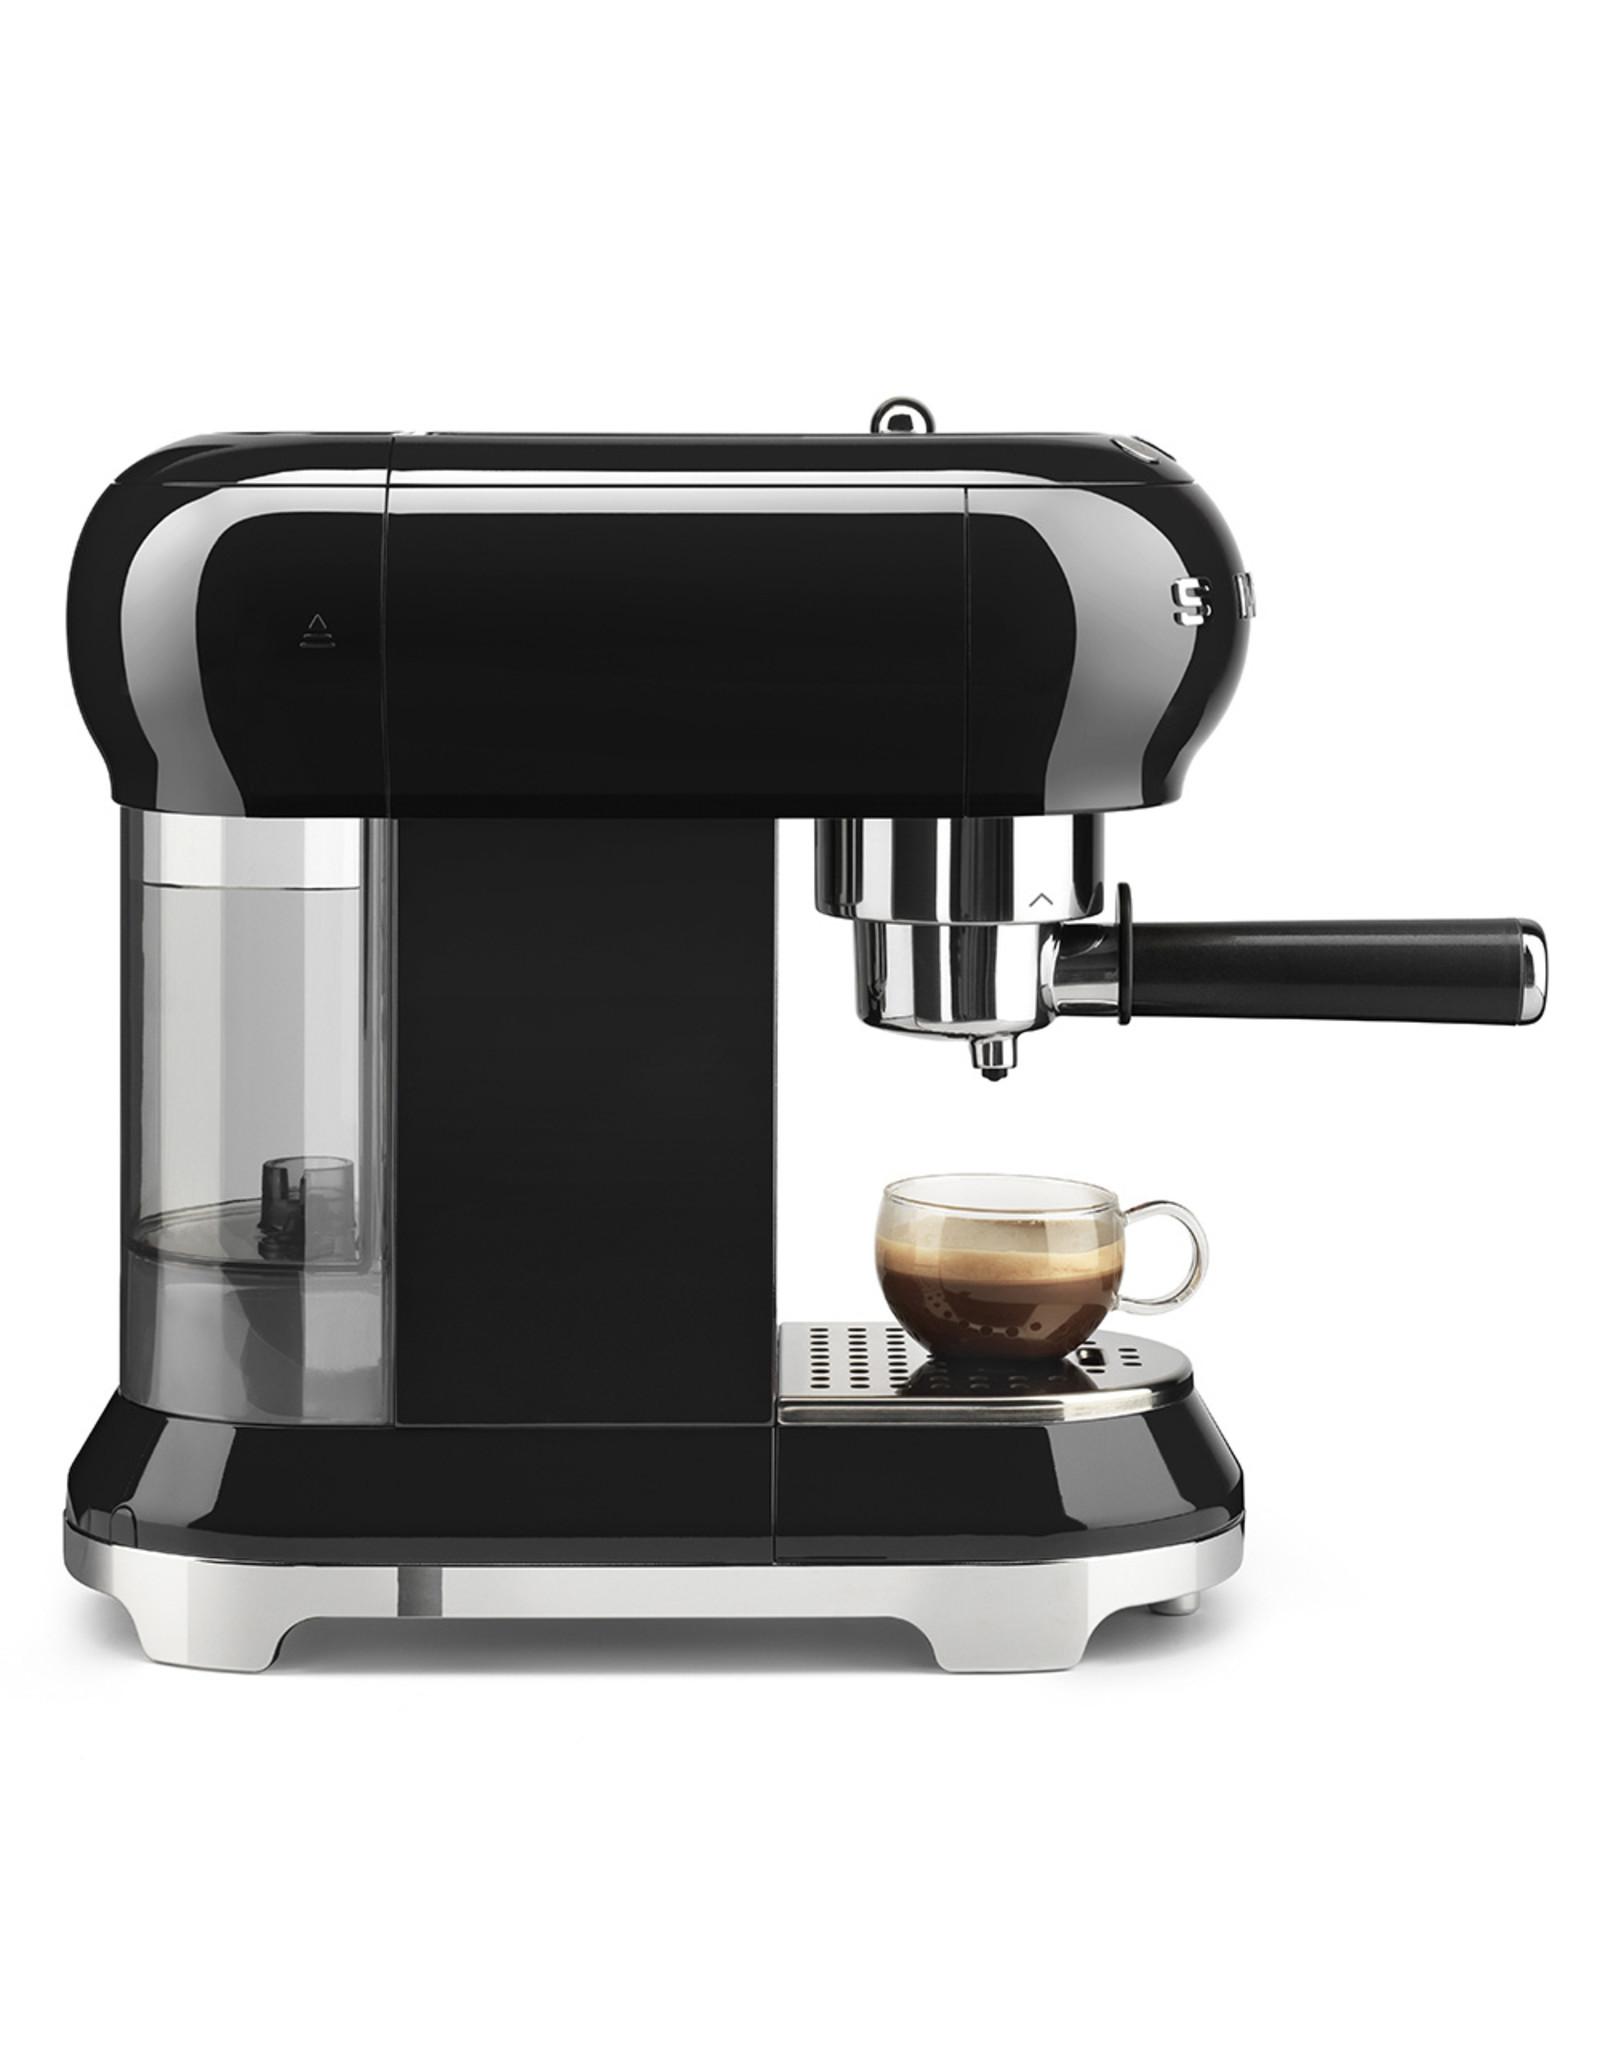 Smeg Smeg. Espressomachine. Zwart